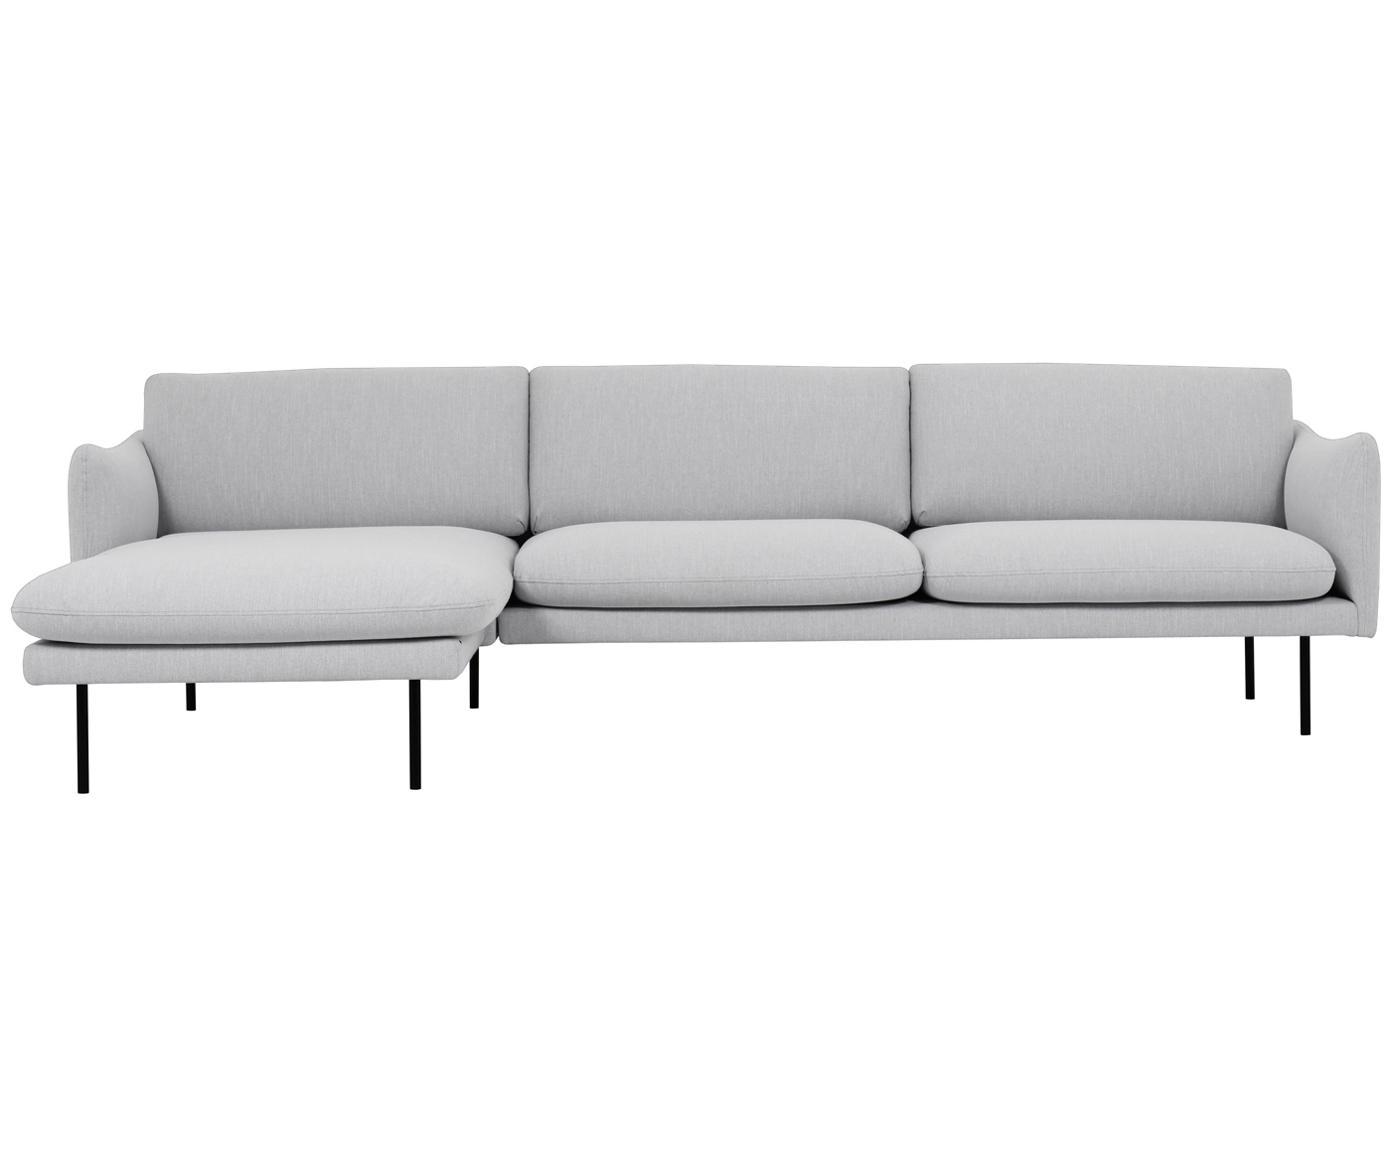 Ecksofa Moby, Bezug: Polyester 60.000 Scheuert, Gestell: Massives Kiefernholz, Webstoff Hellgrau, B 280 x T 160 cm